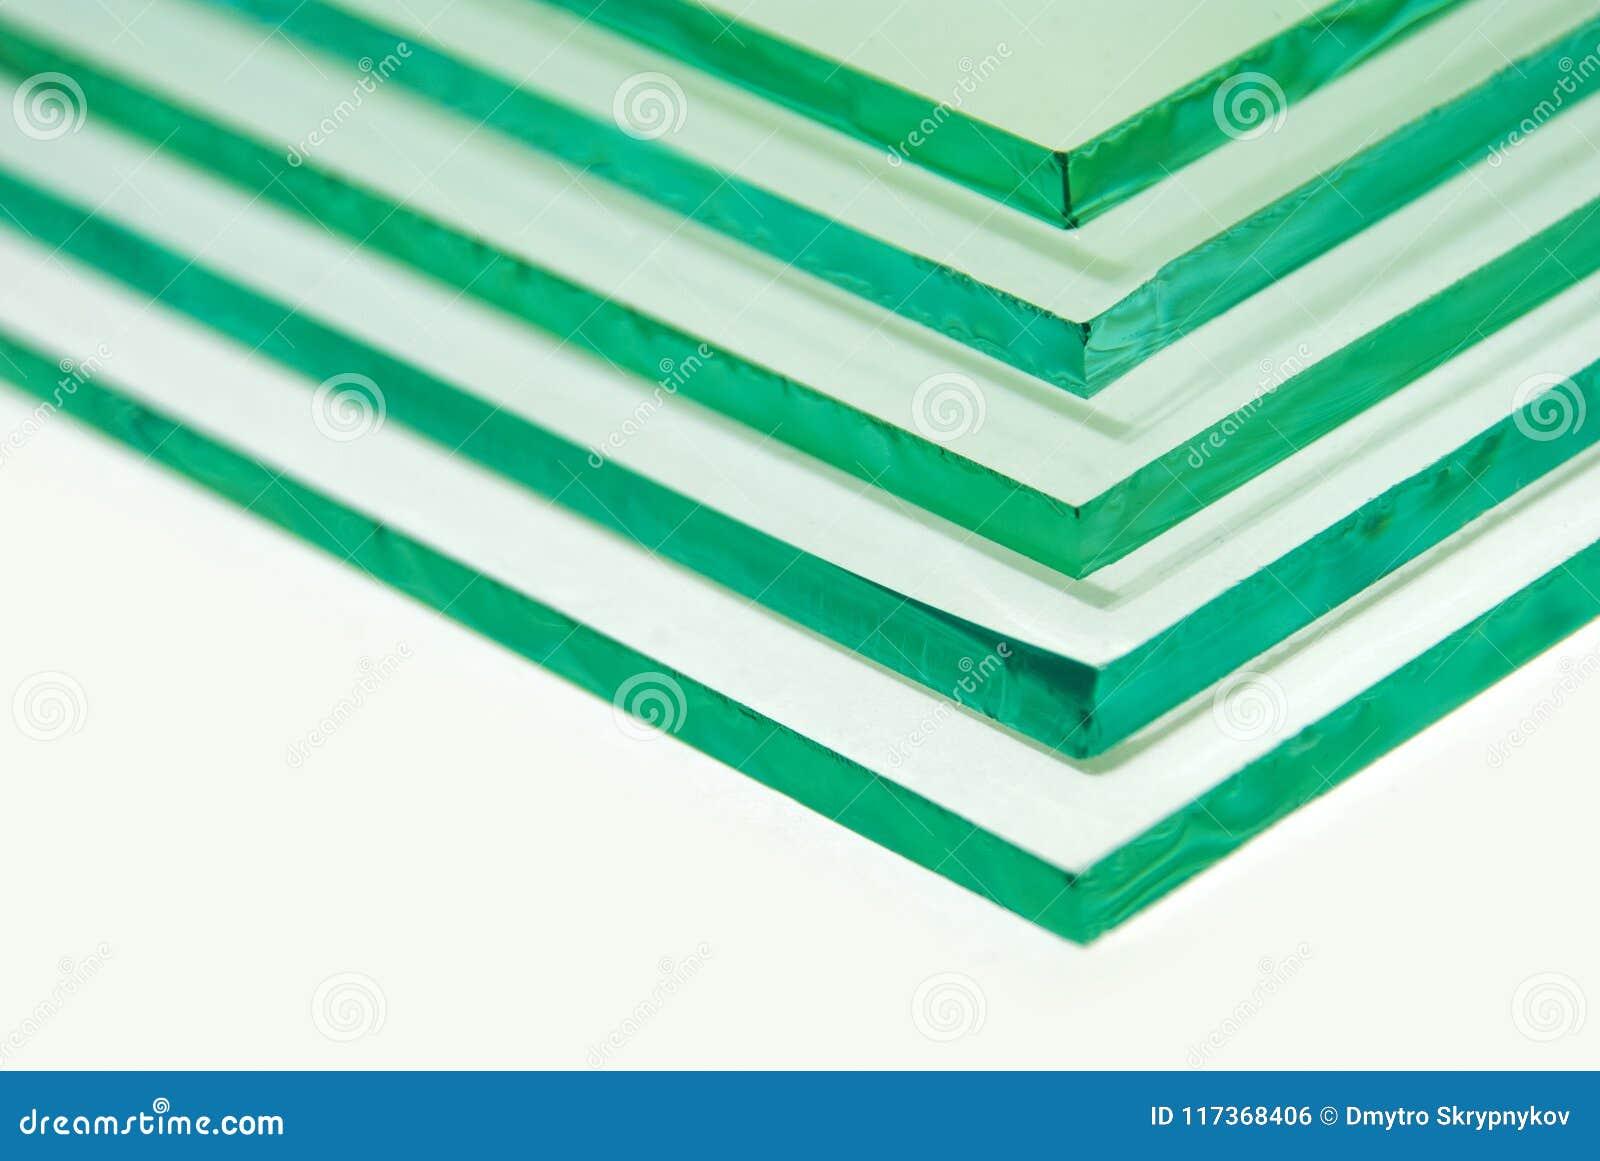 工厂制造的缓和清楚的浮法玻璃盘区板料按尺寸裁剪的